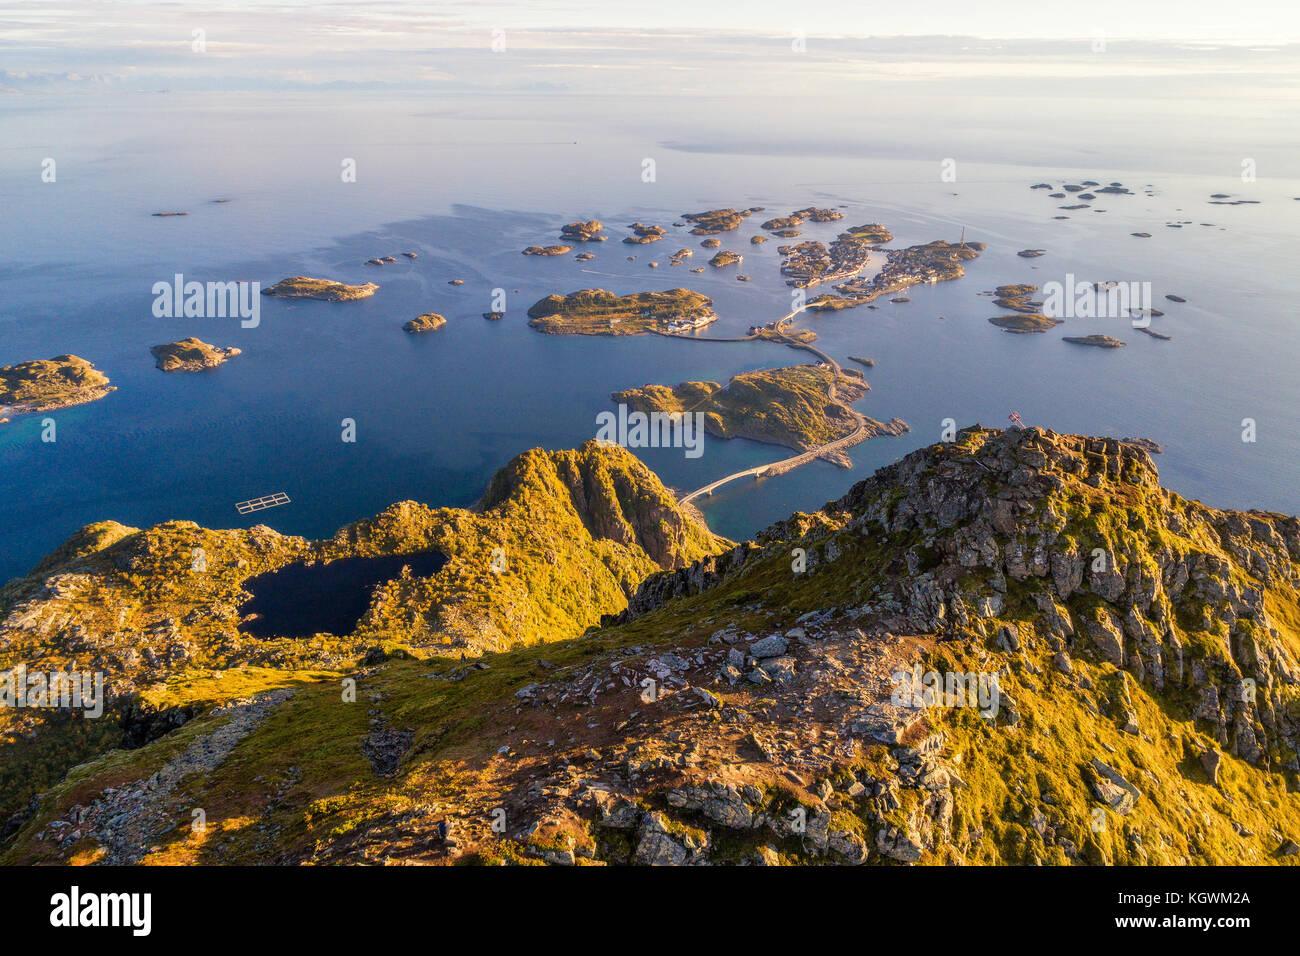 Top of mount Festvagtinden on Lofoten islands in Norway - Stock Image